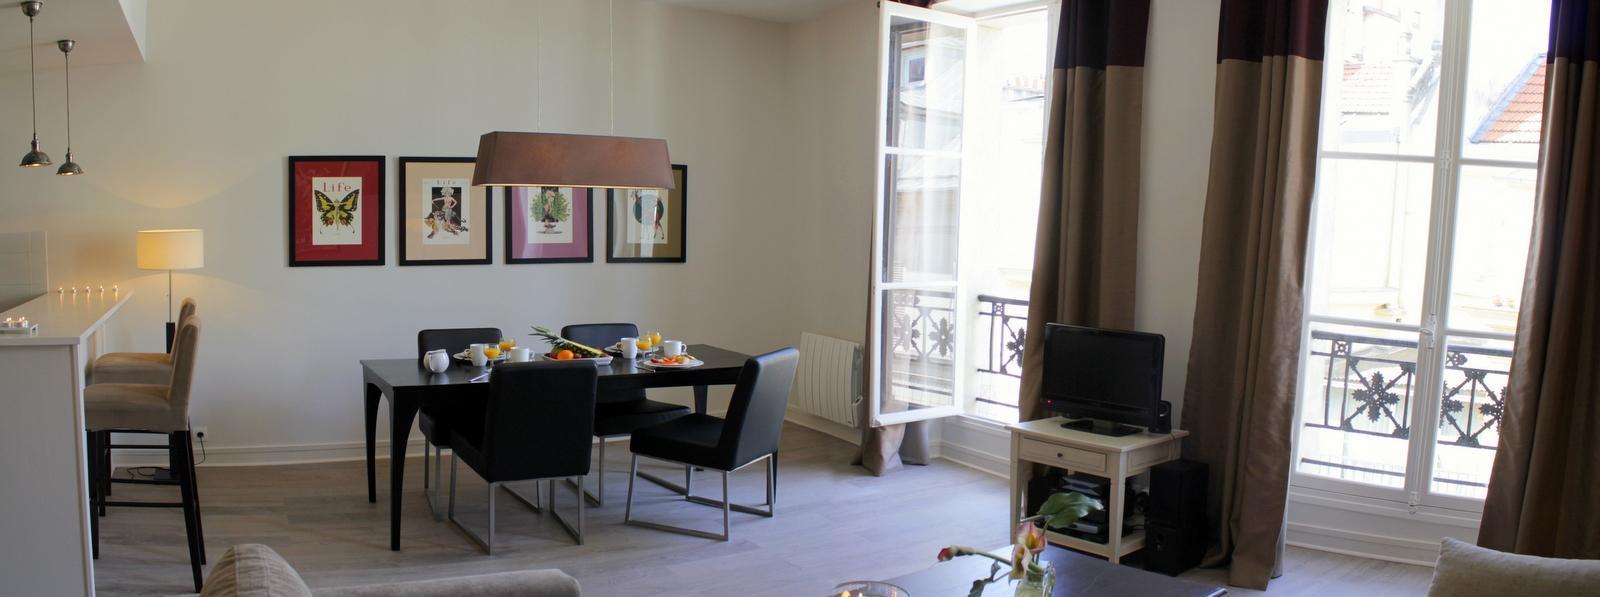 103495 - Appartement 2 personnes Marais - Bastille